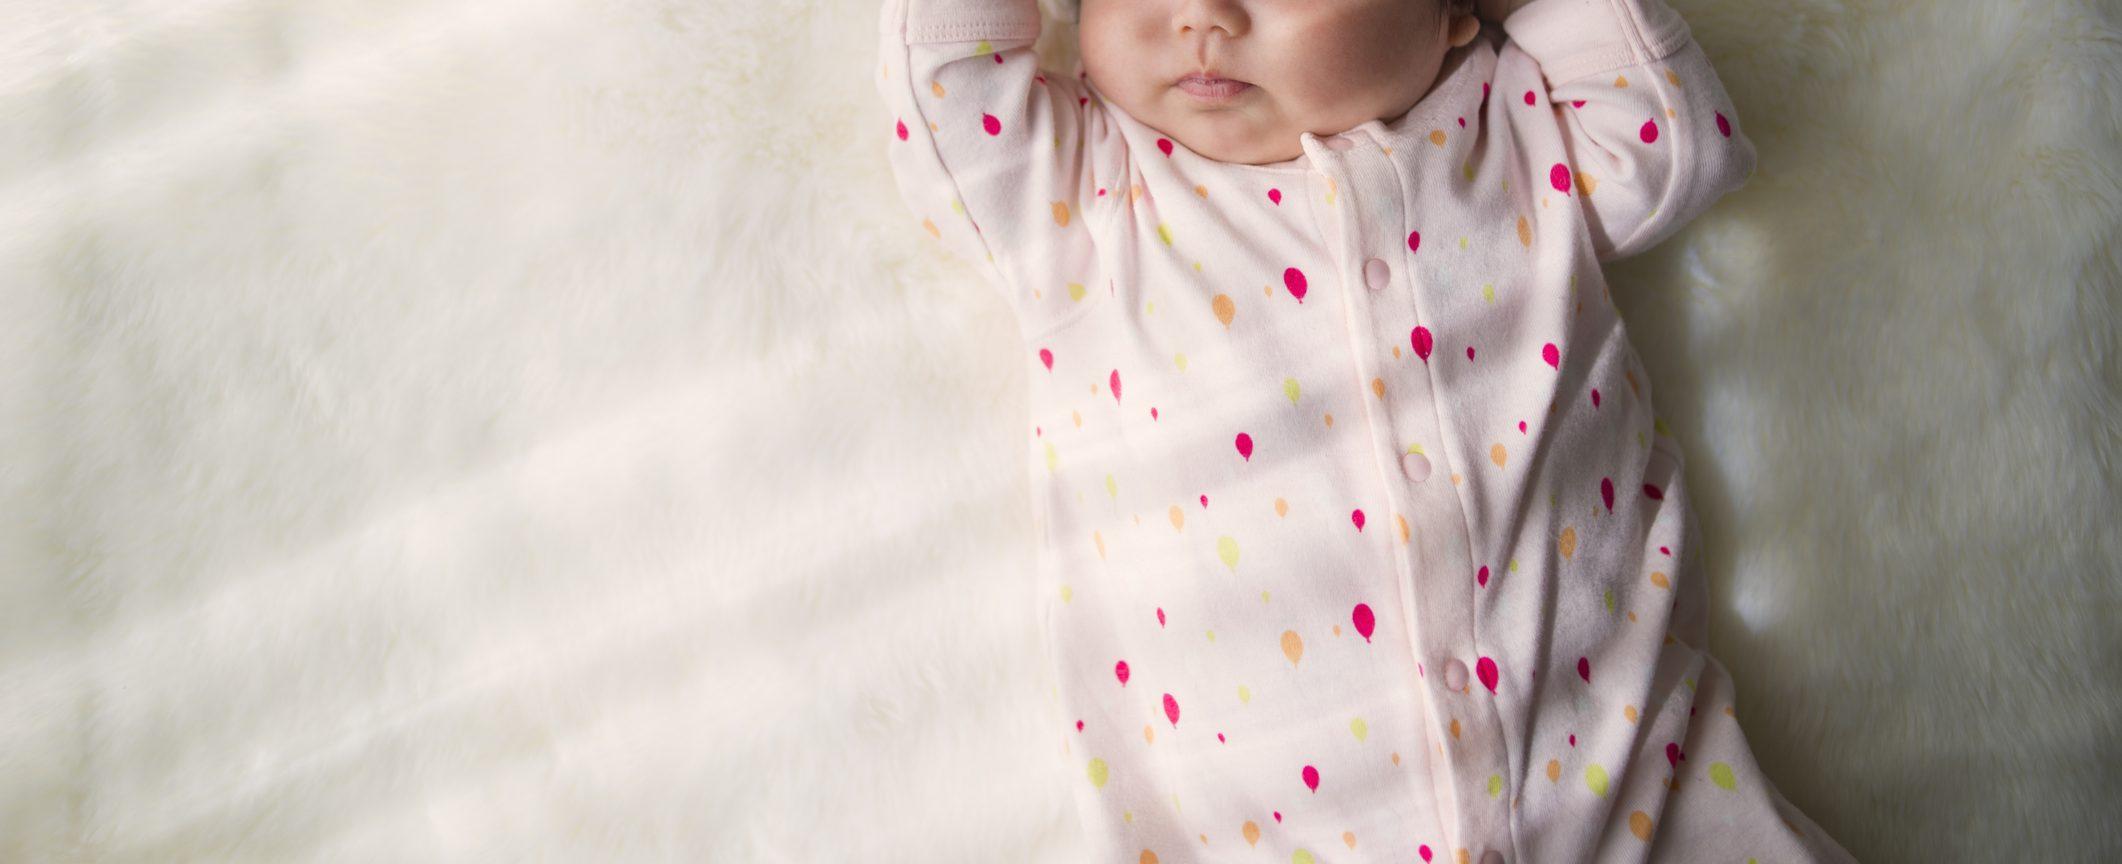 Apa Boleh Menyimpan Tali Pusar Bayi yang Baru Lahir Menurut Islam?